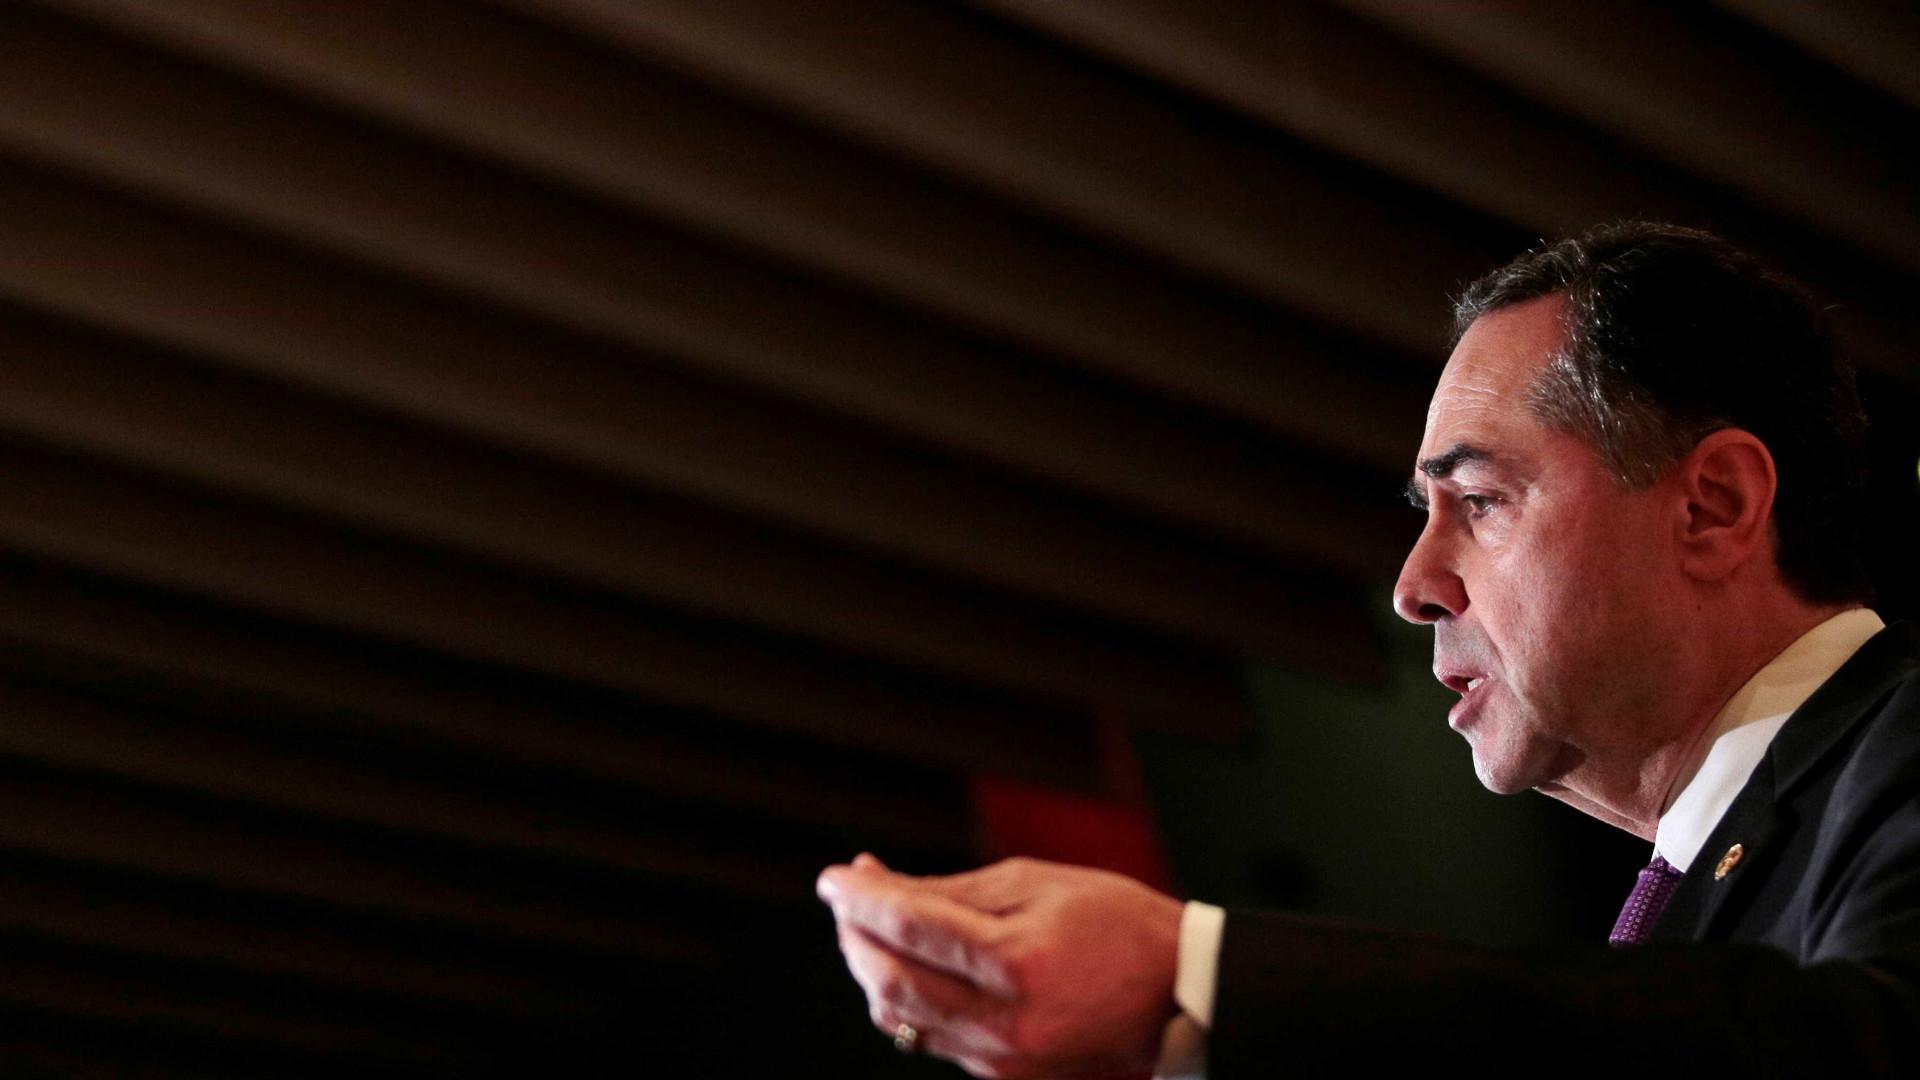 Juízes estão do lado certo da história, diz ministro Barroso